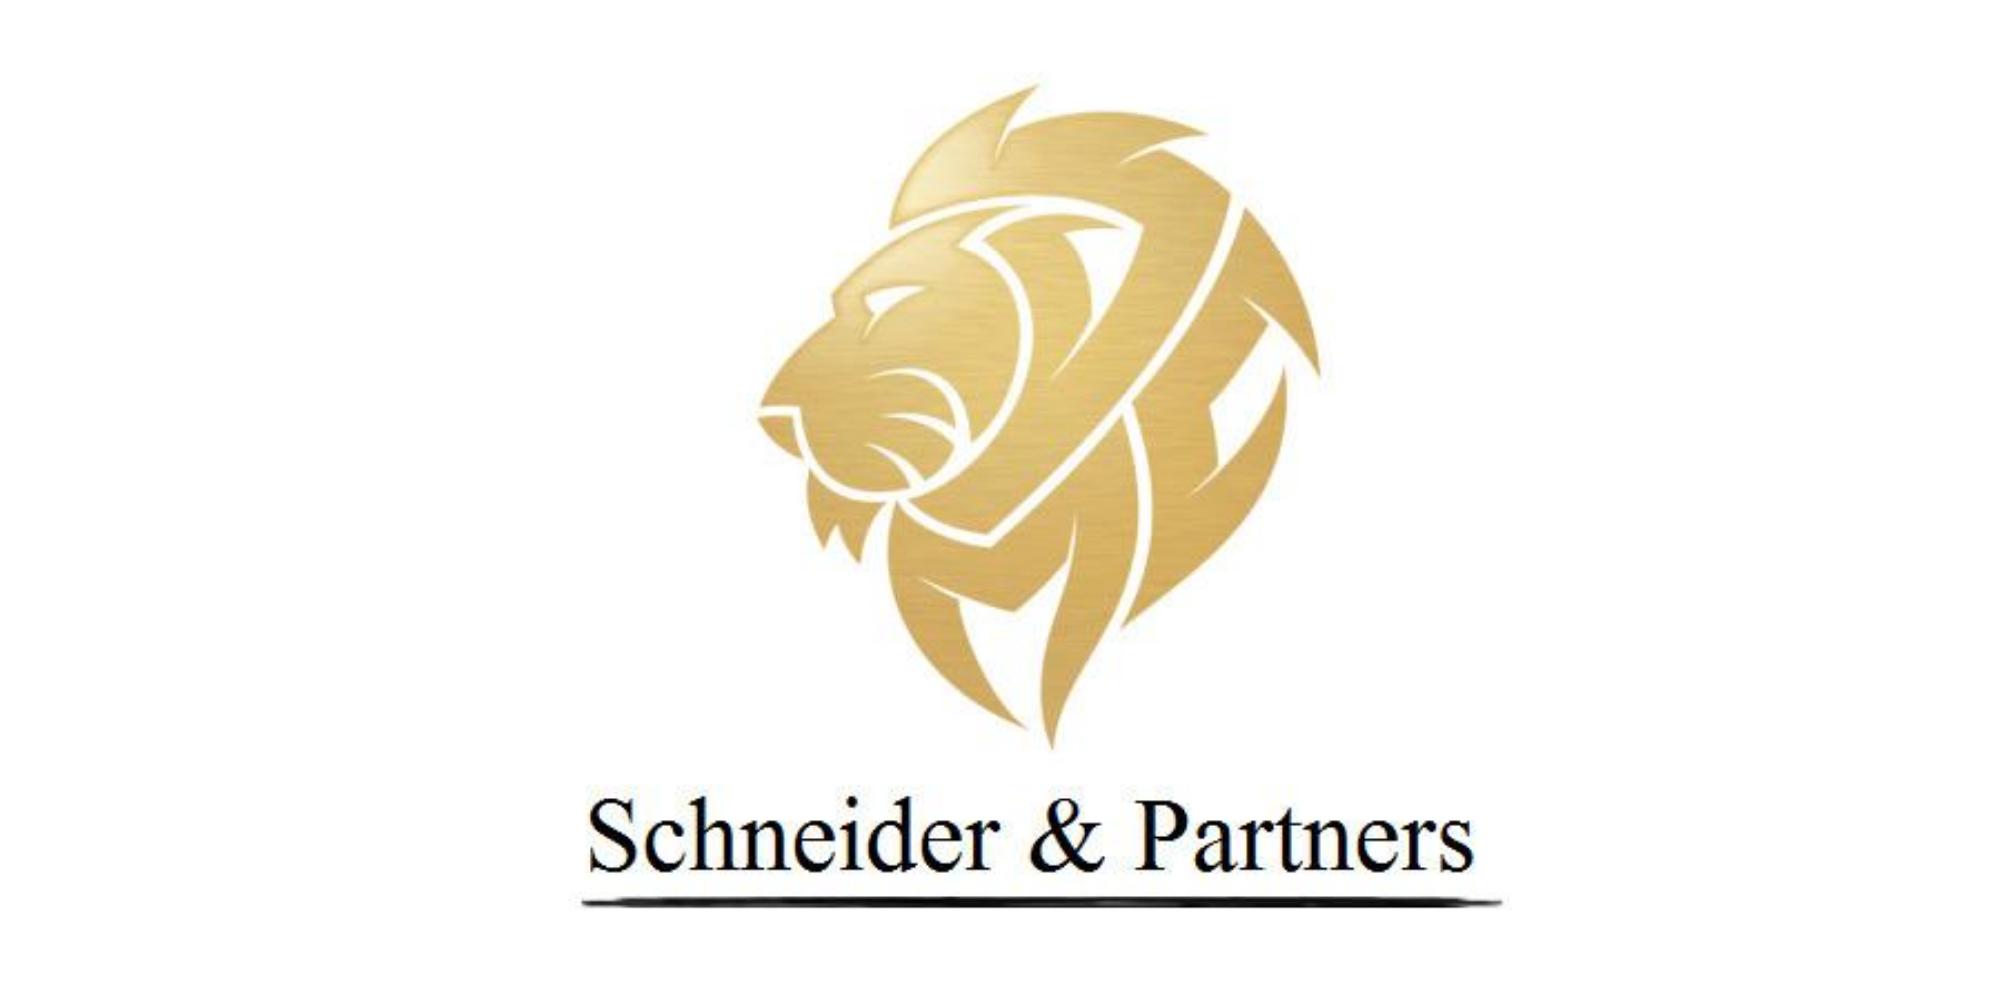 Schneider Financial Group